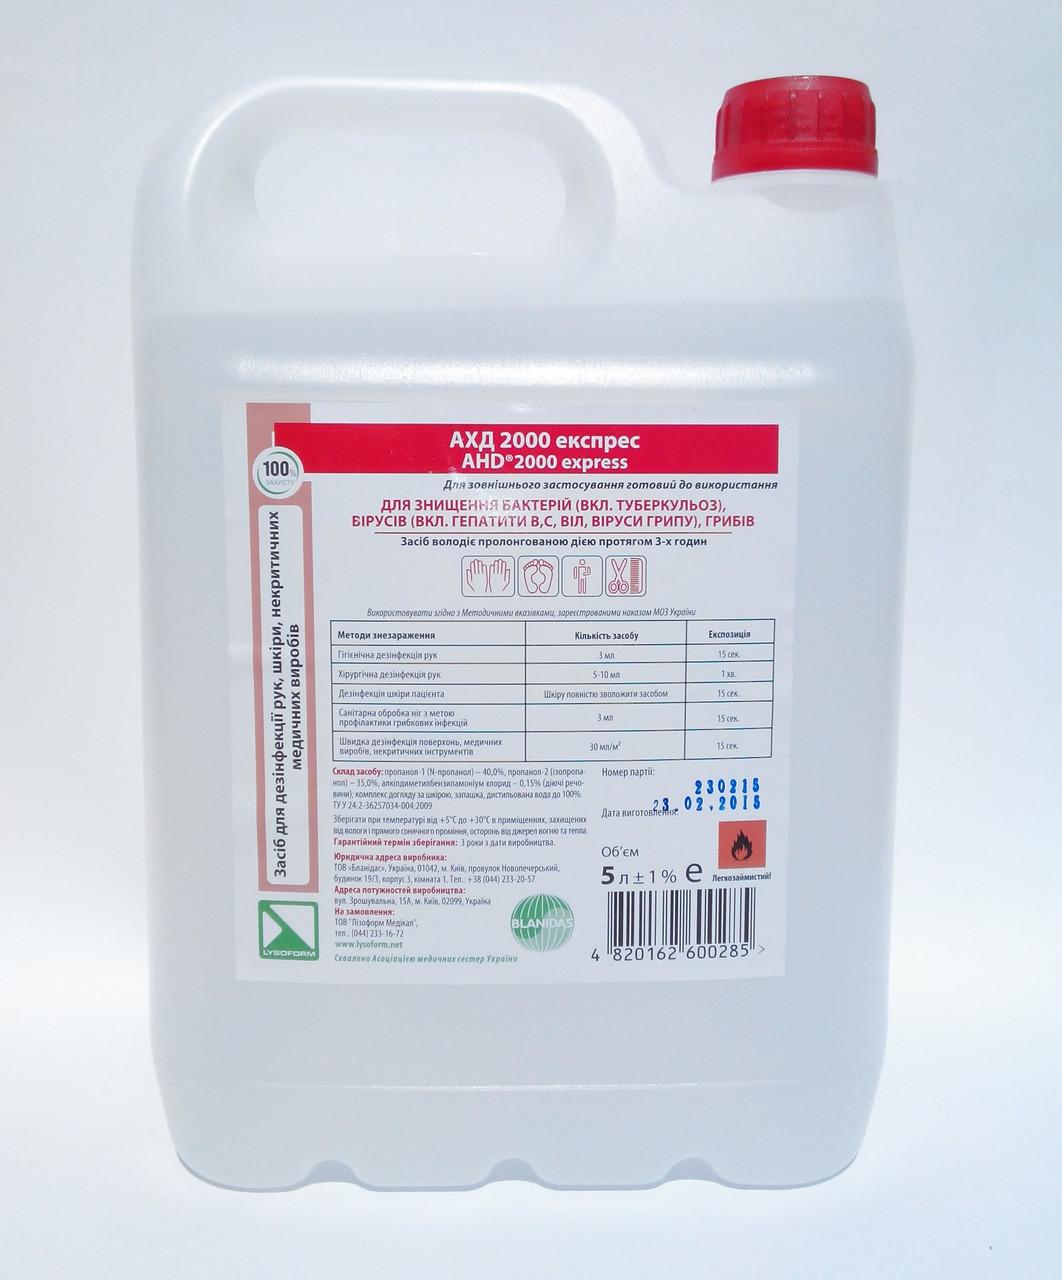 АХД 2000 экспресс 5 л, (Сертификат Качества) средство для дезинфекции